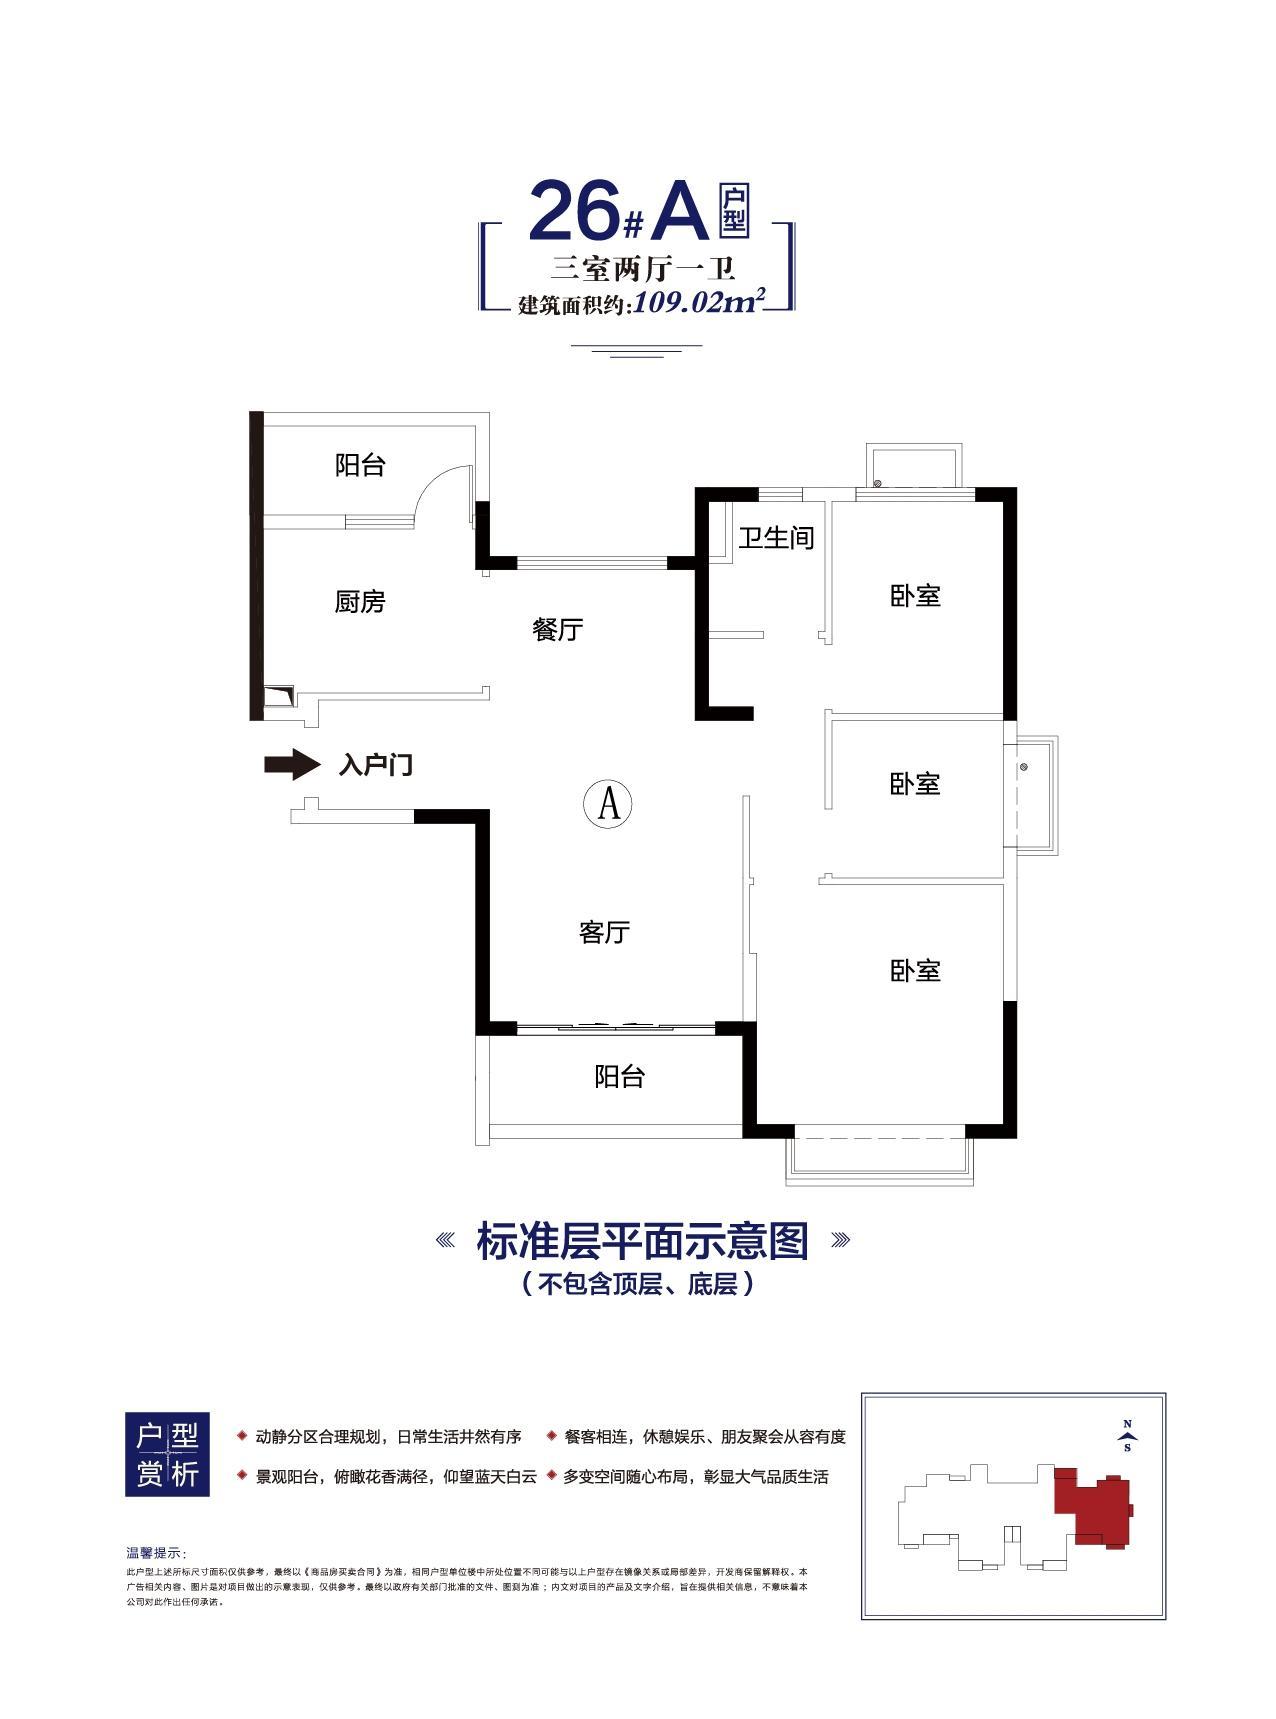 寿县恒大未来城109.02㎡户型图